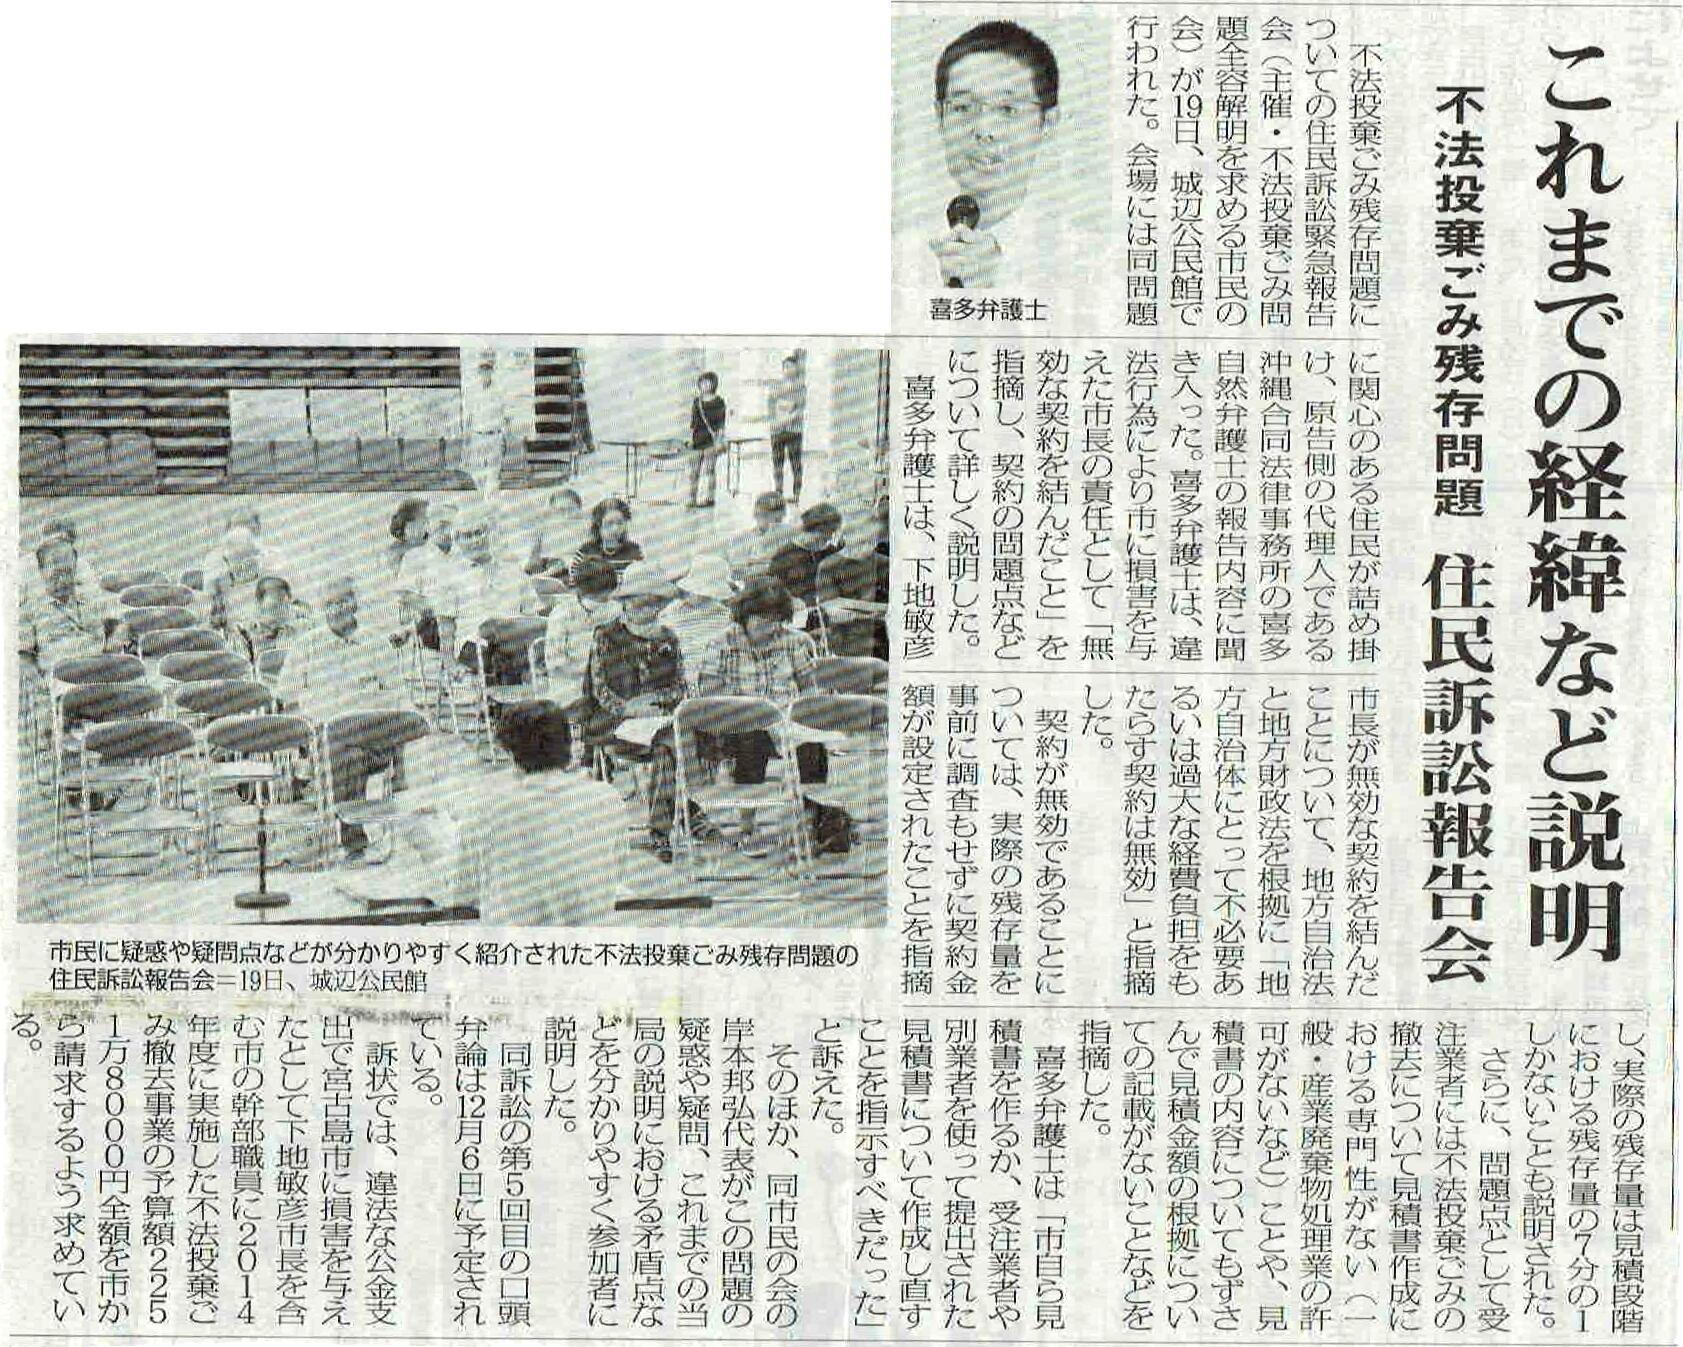 miyakomainichi2016 1120